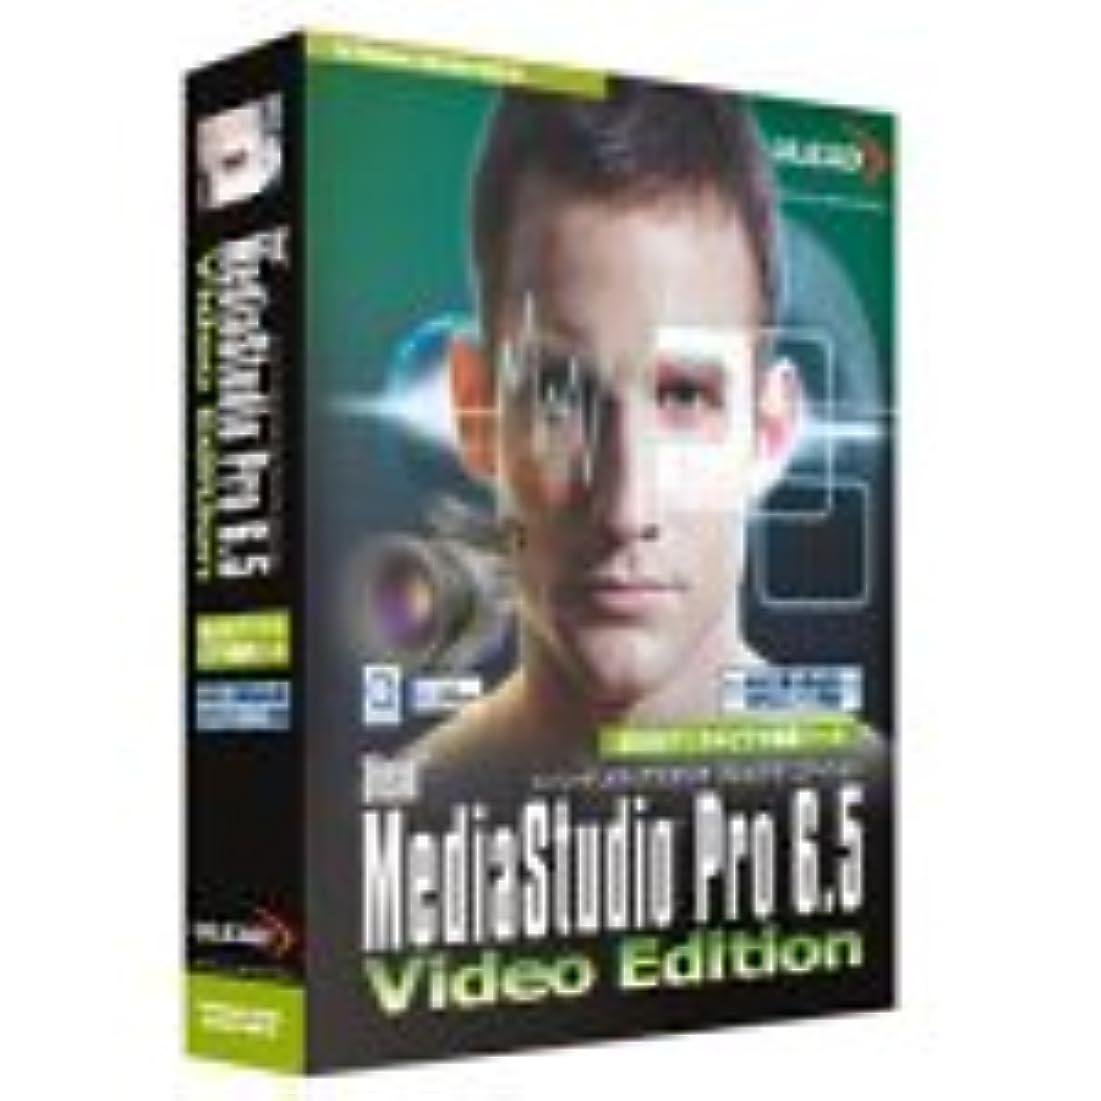 あさり登るイソギンチャクMediaStudio Pro 6.5 Video Edition